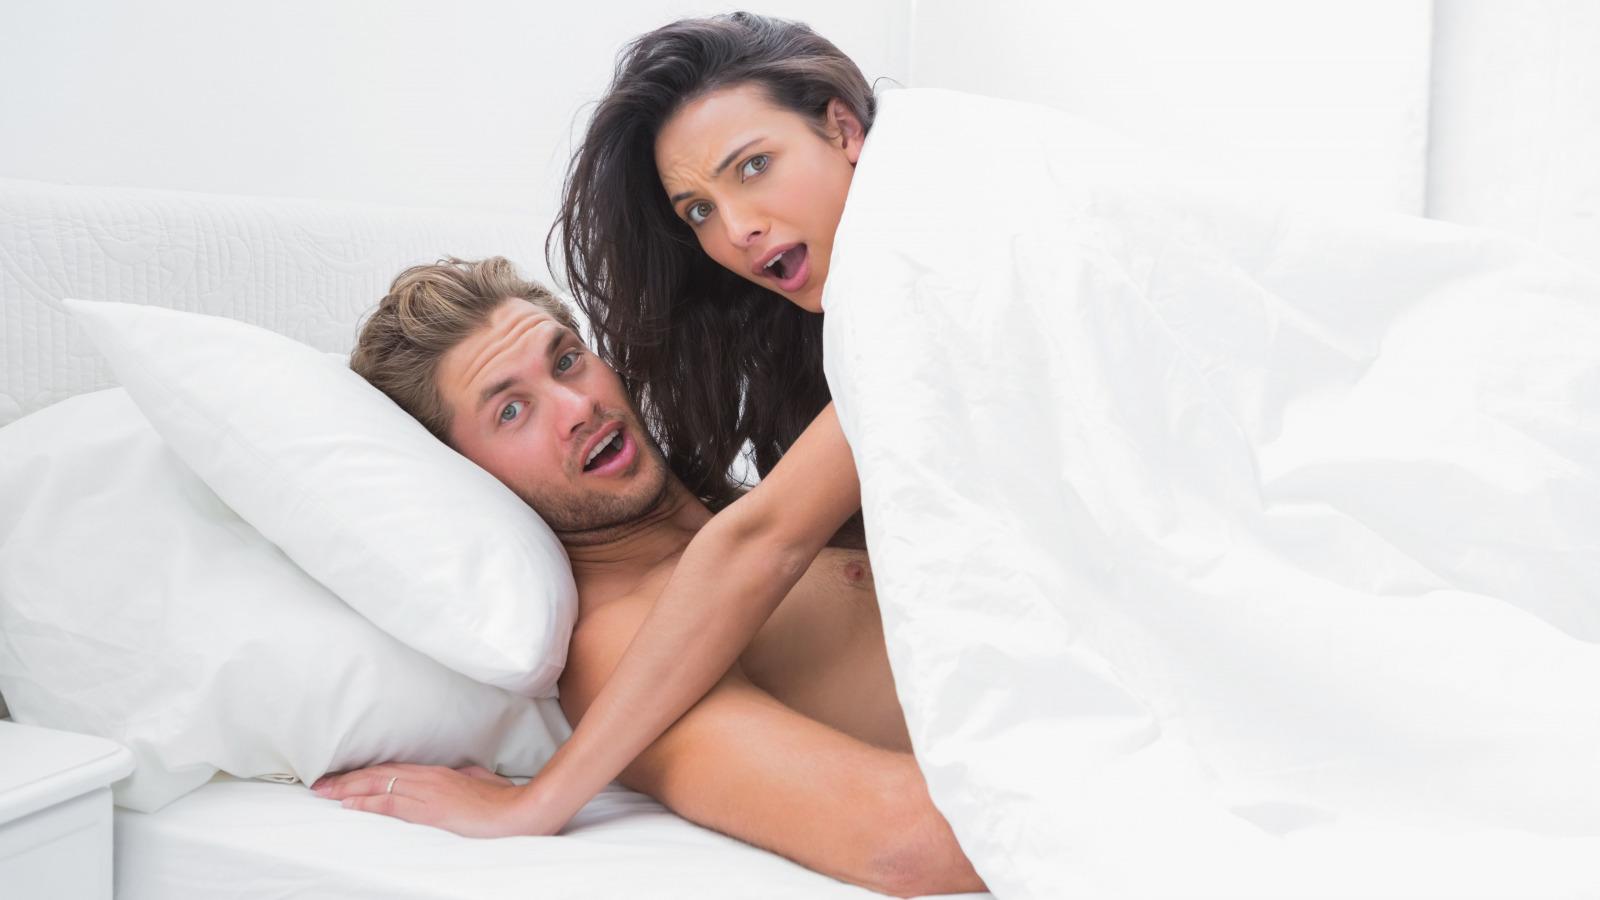 Секс большим планам, Порно крупным планом. Порно вблизи. Видео секса 25 фотография